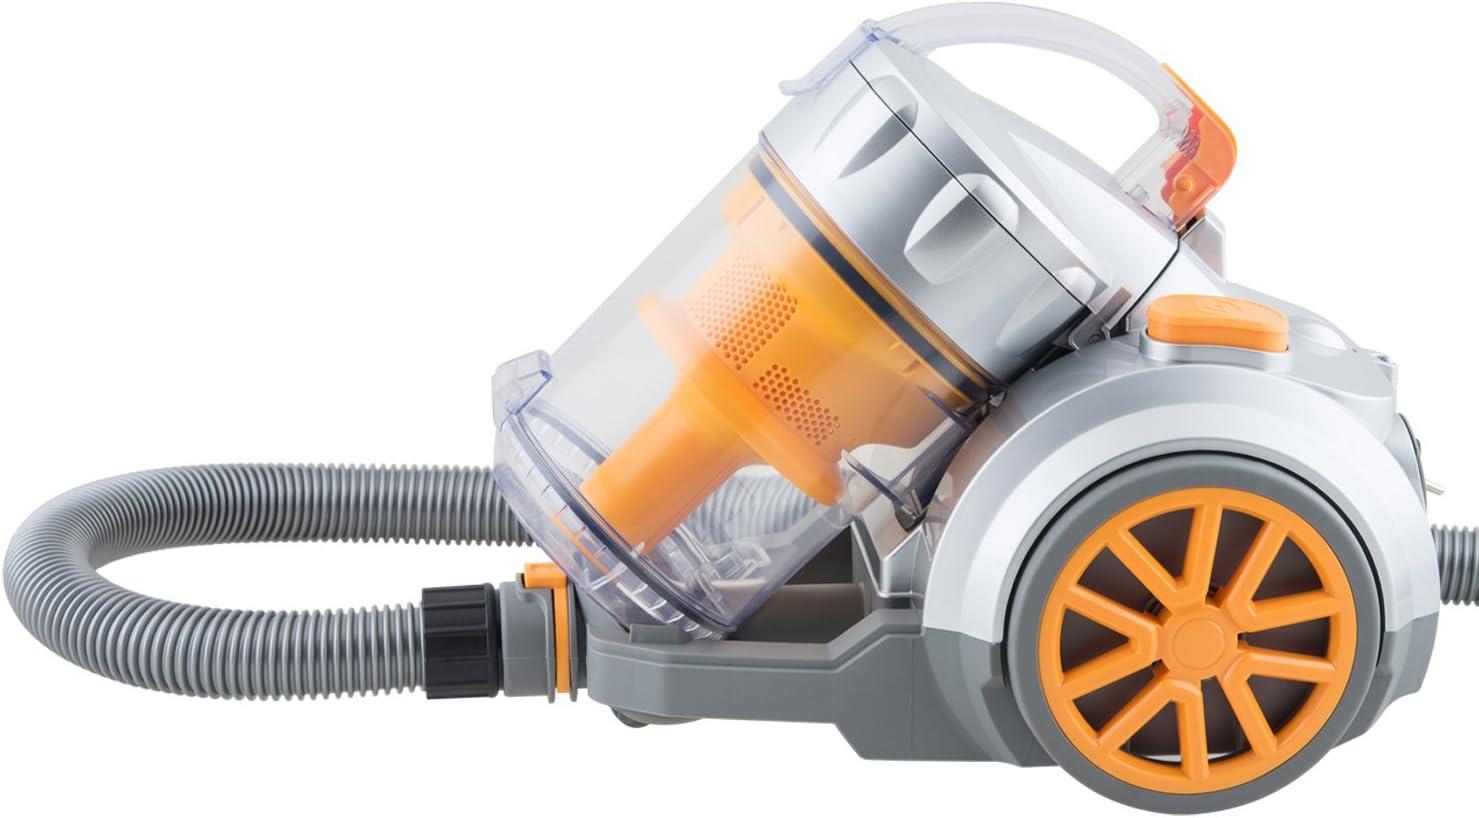 H.Koenig TC34 - Aspirador sin bolsa multiciclónico, Filtro HEPA, color naranja [Clase de eficiencia energética A]: Amazon.es: Hogar